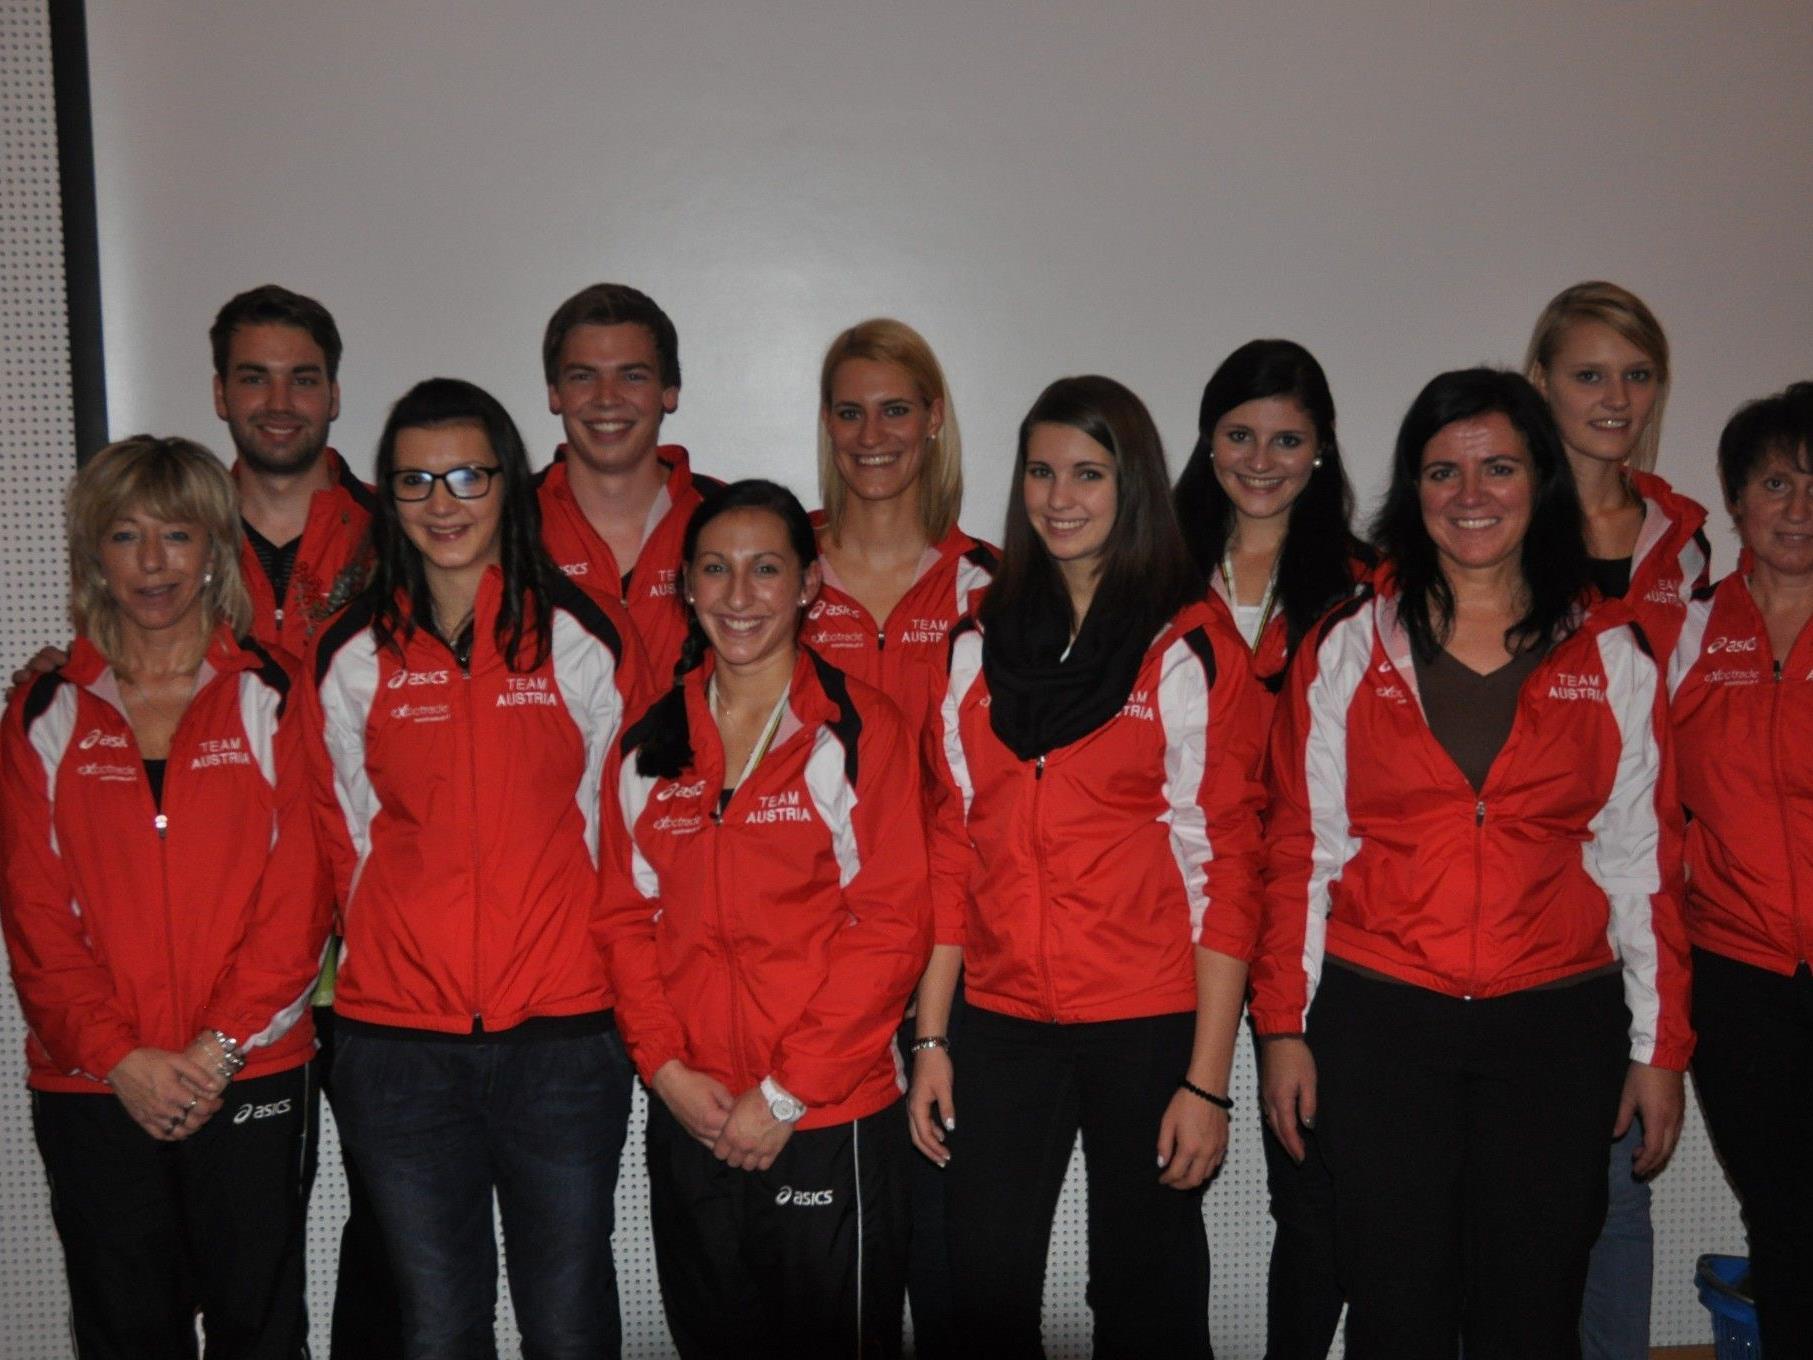 Das Meininger Wm - Erfolgsteam mit ihren Trainerinnen wurde ordentlich gefeiert.